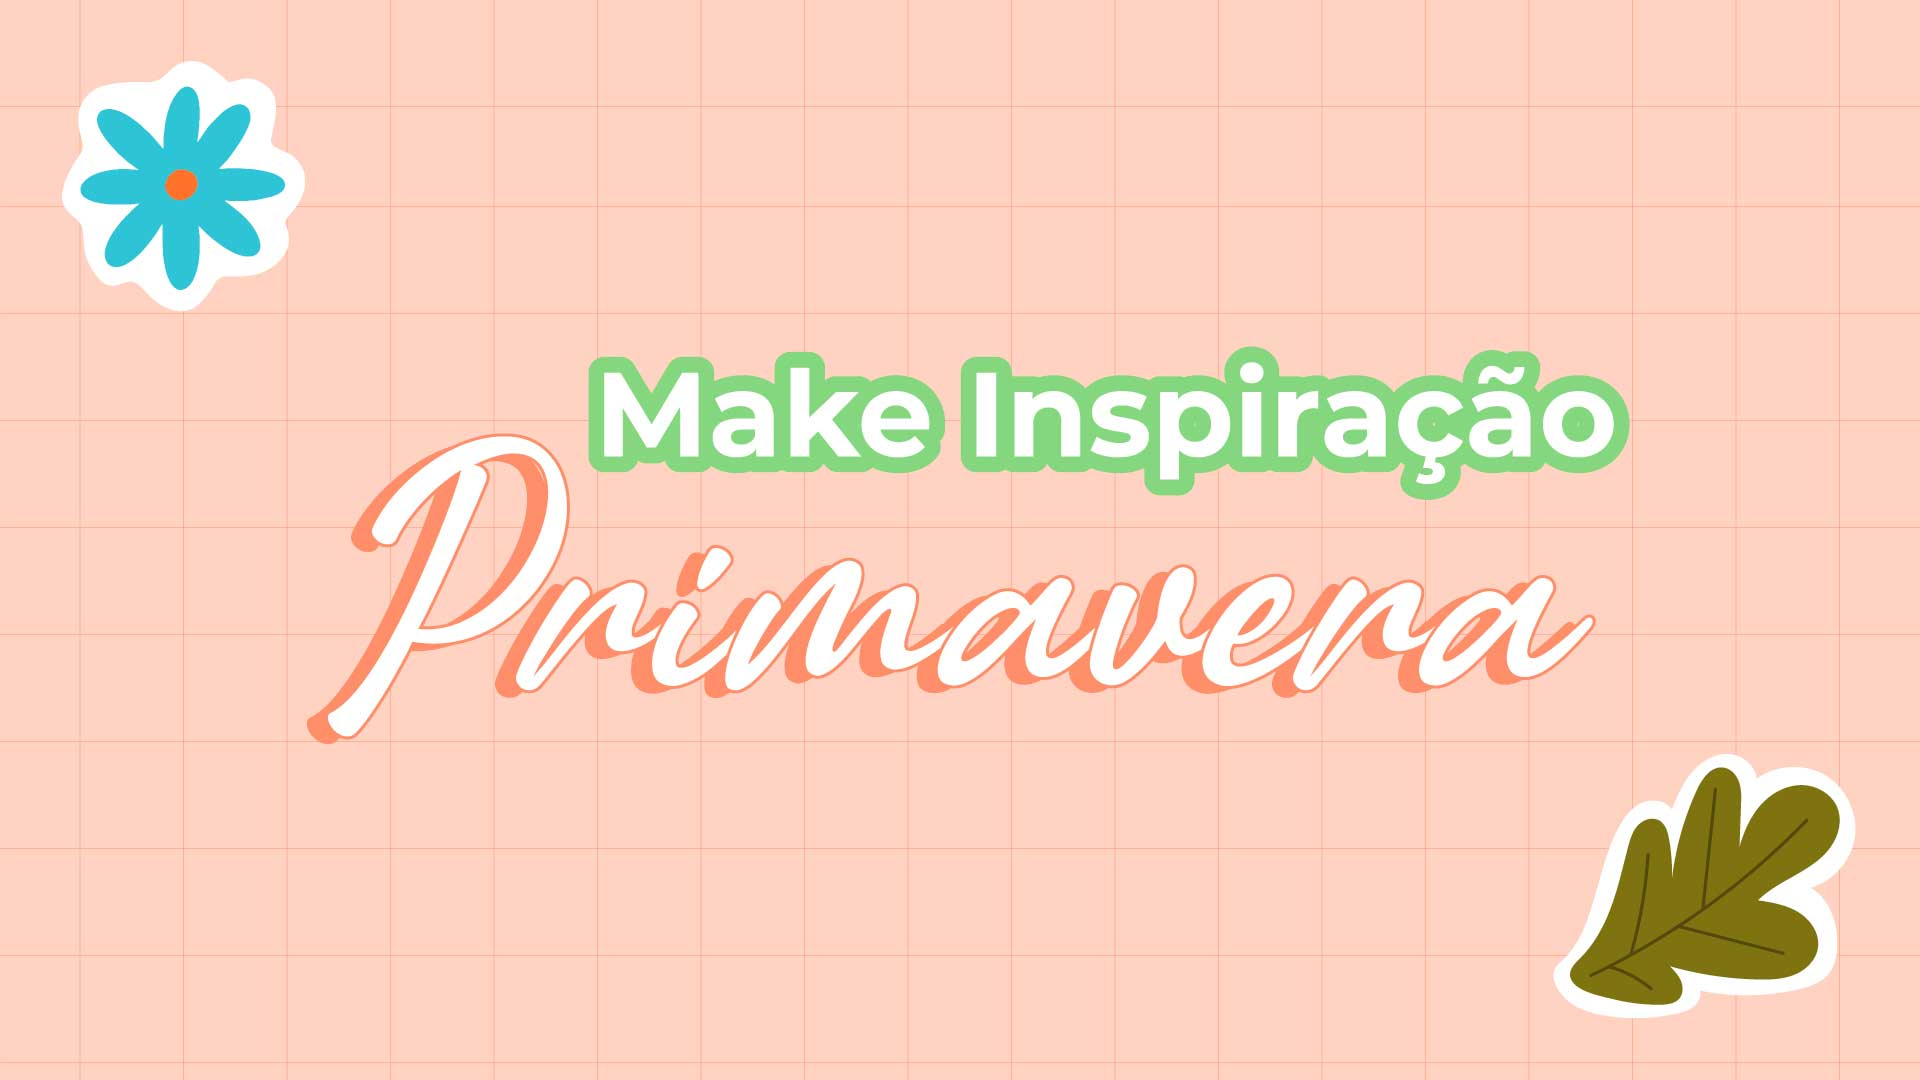 Make inspiração:primavera